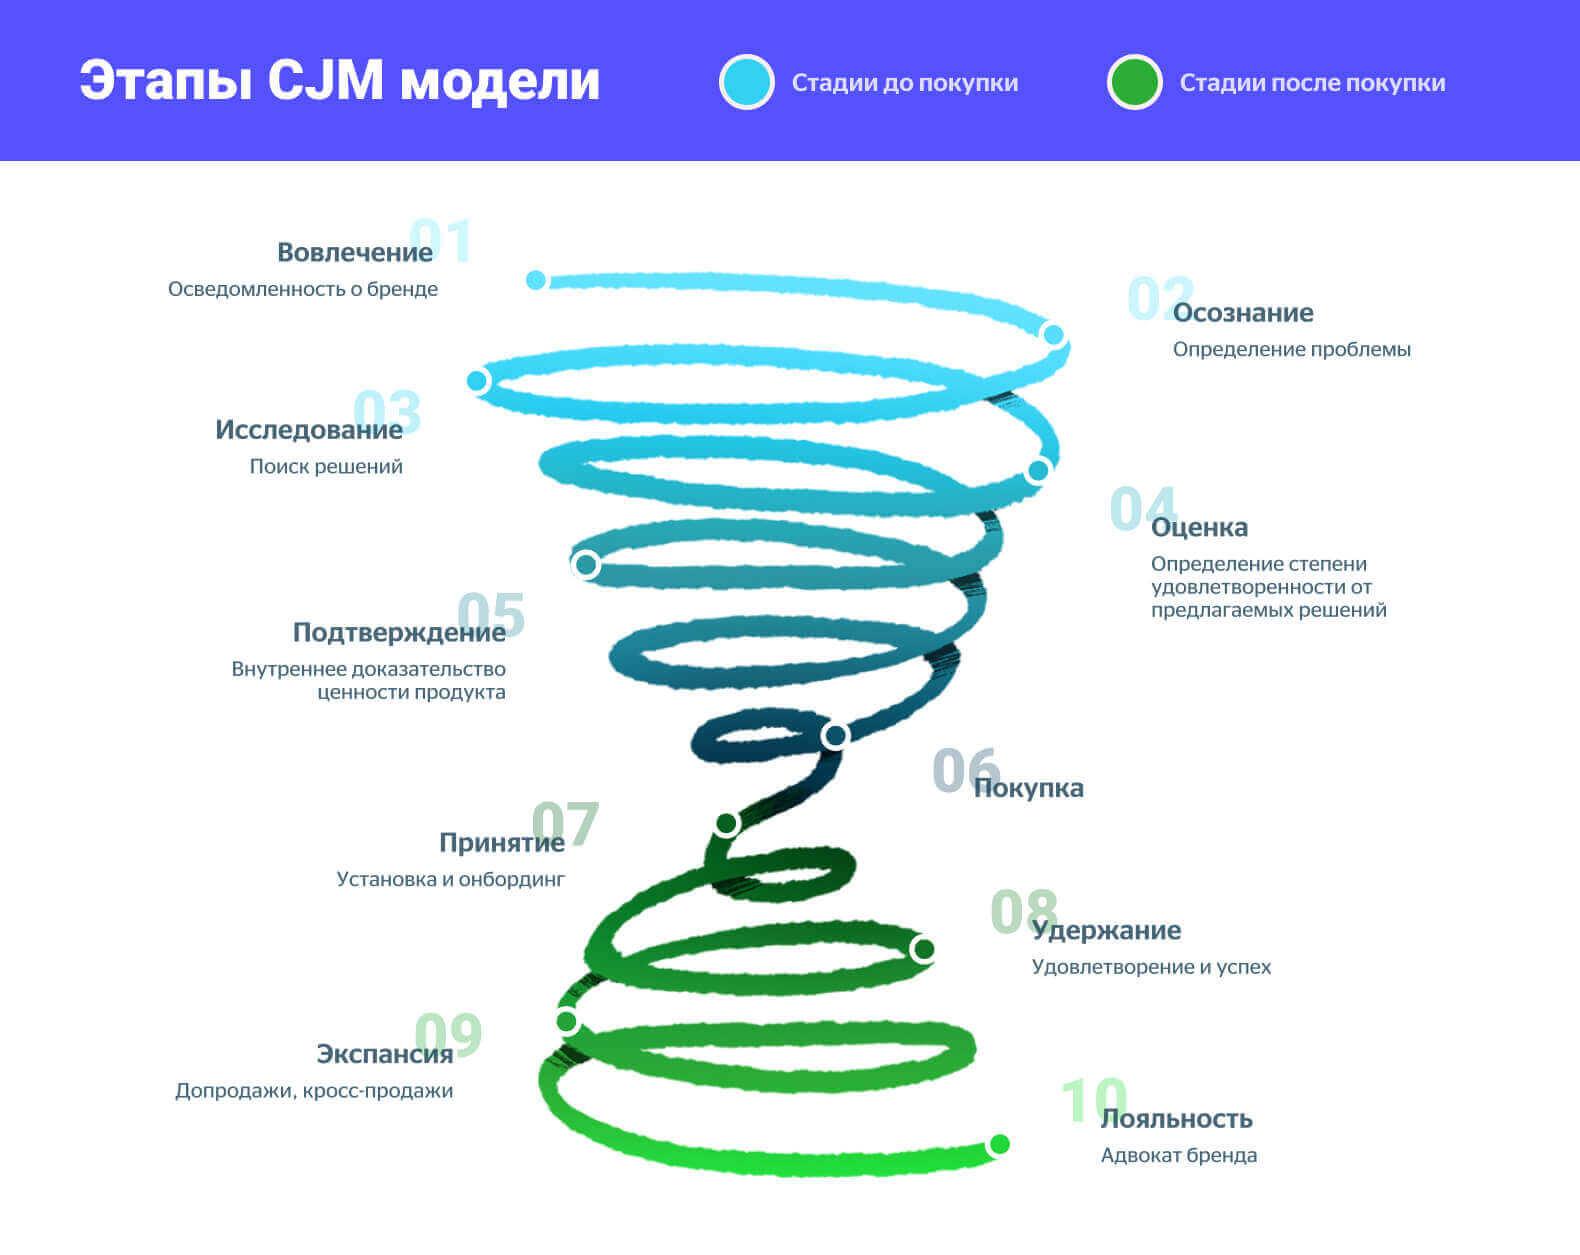 Этапы CJM модели